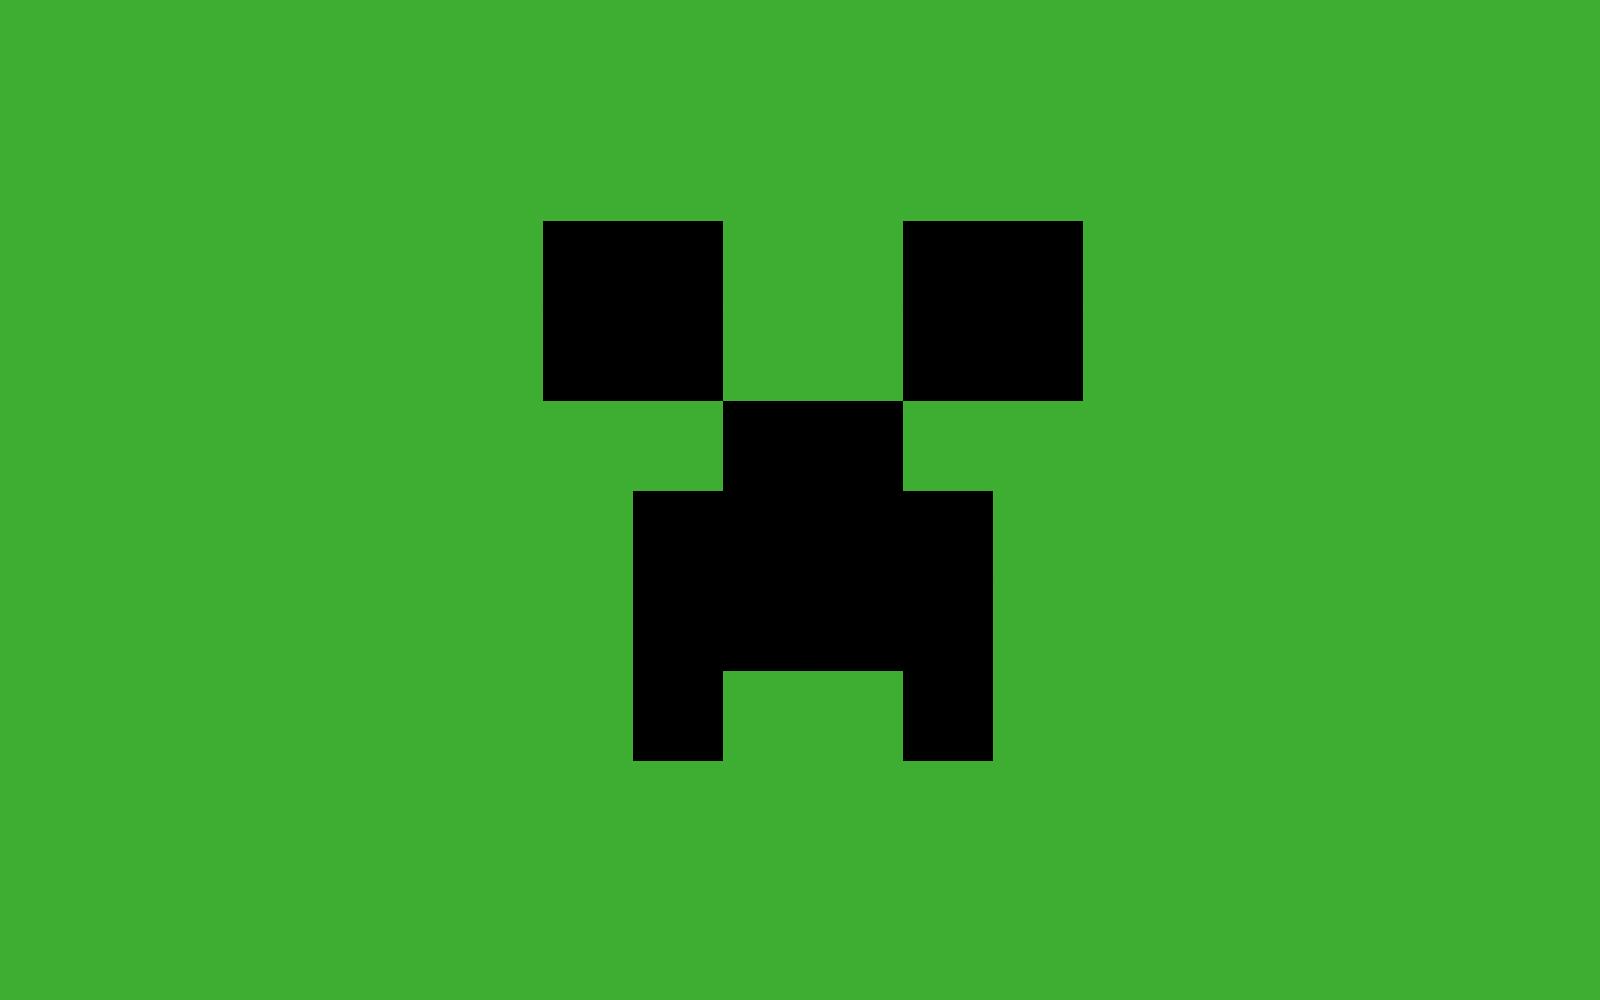 minecraft logos rh logolynx com